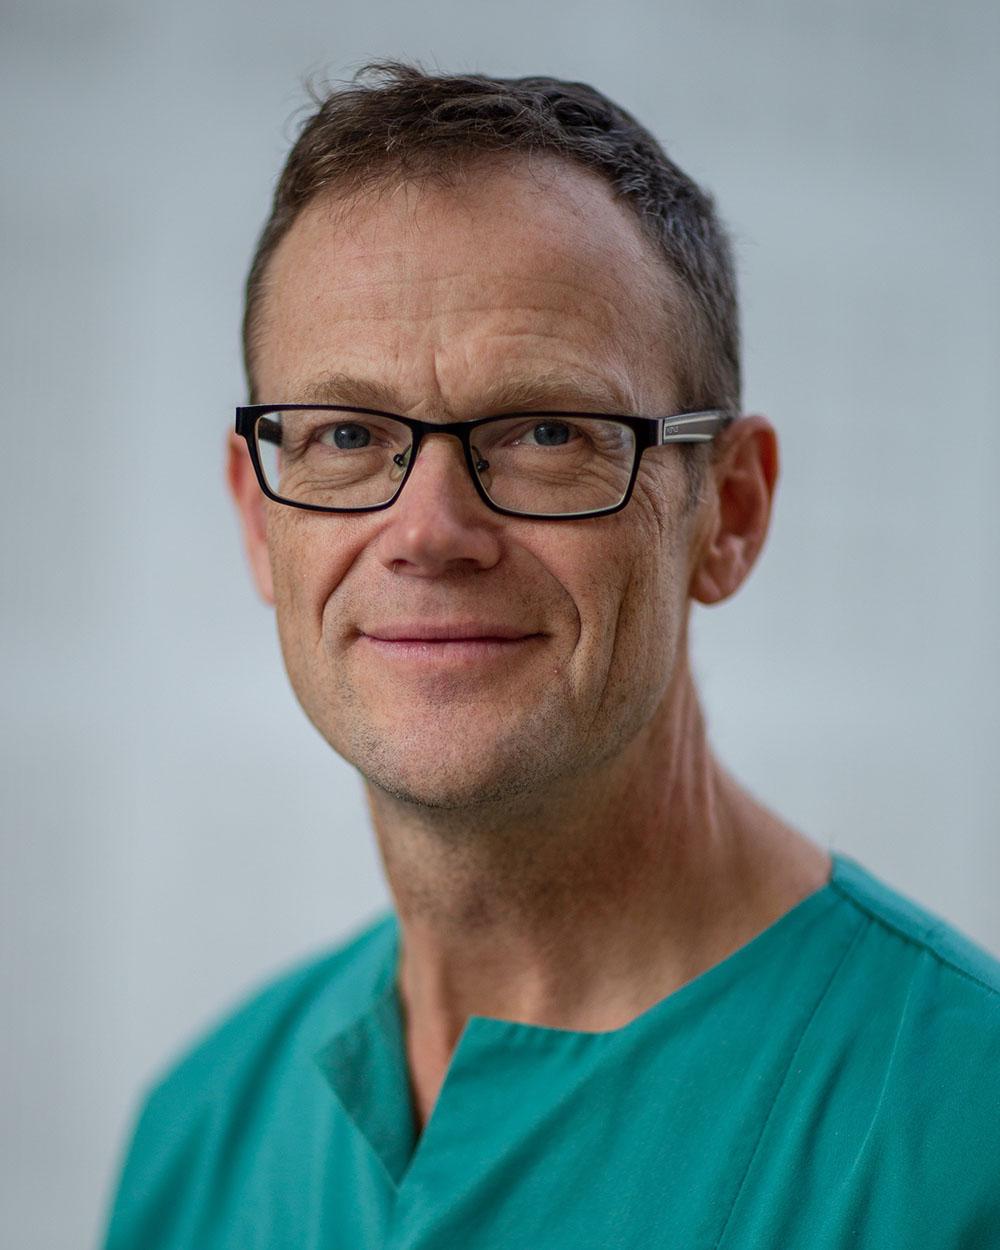 Henrik Brun, overlege ved Barnekardiologisk avdeling, Rikshospitalet, OUS. Foto: Holocare.